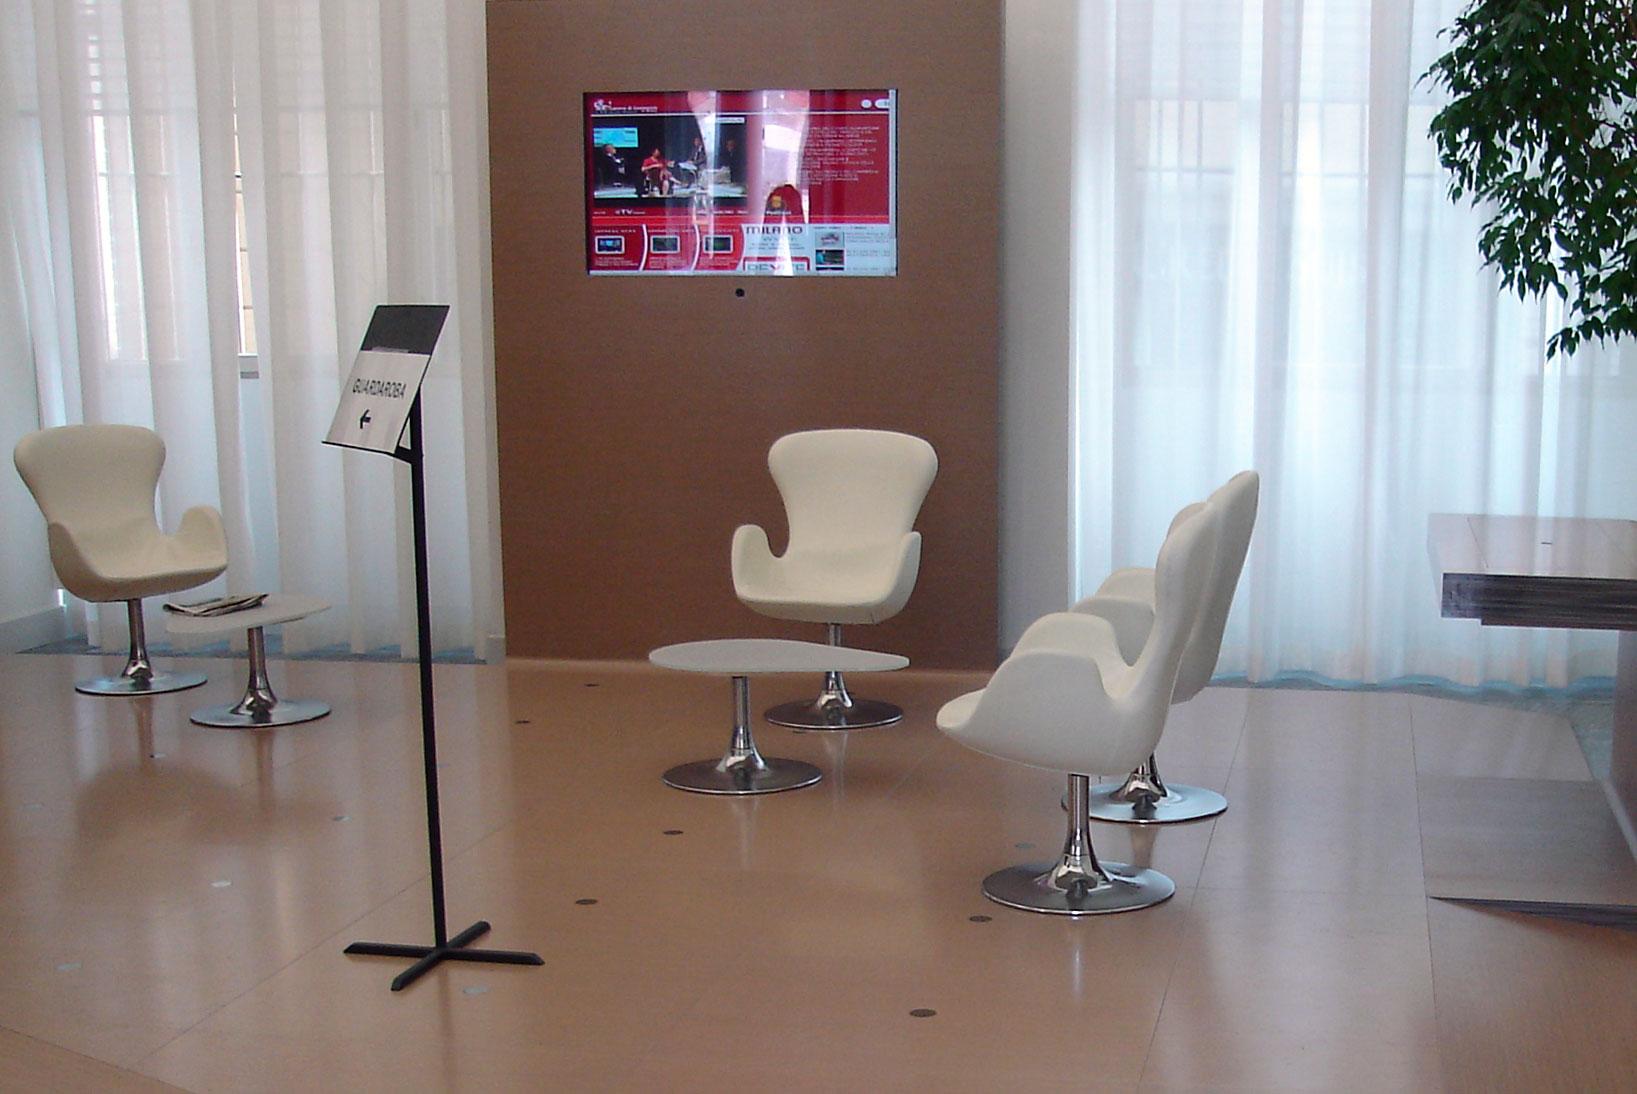 IT-Milano-ICC-041